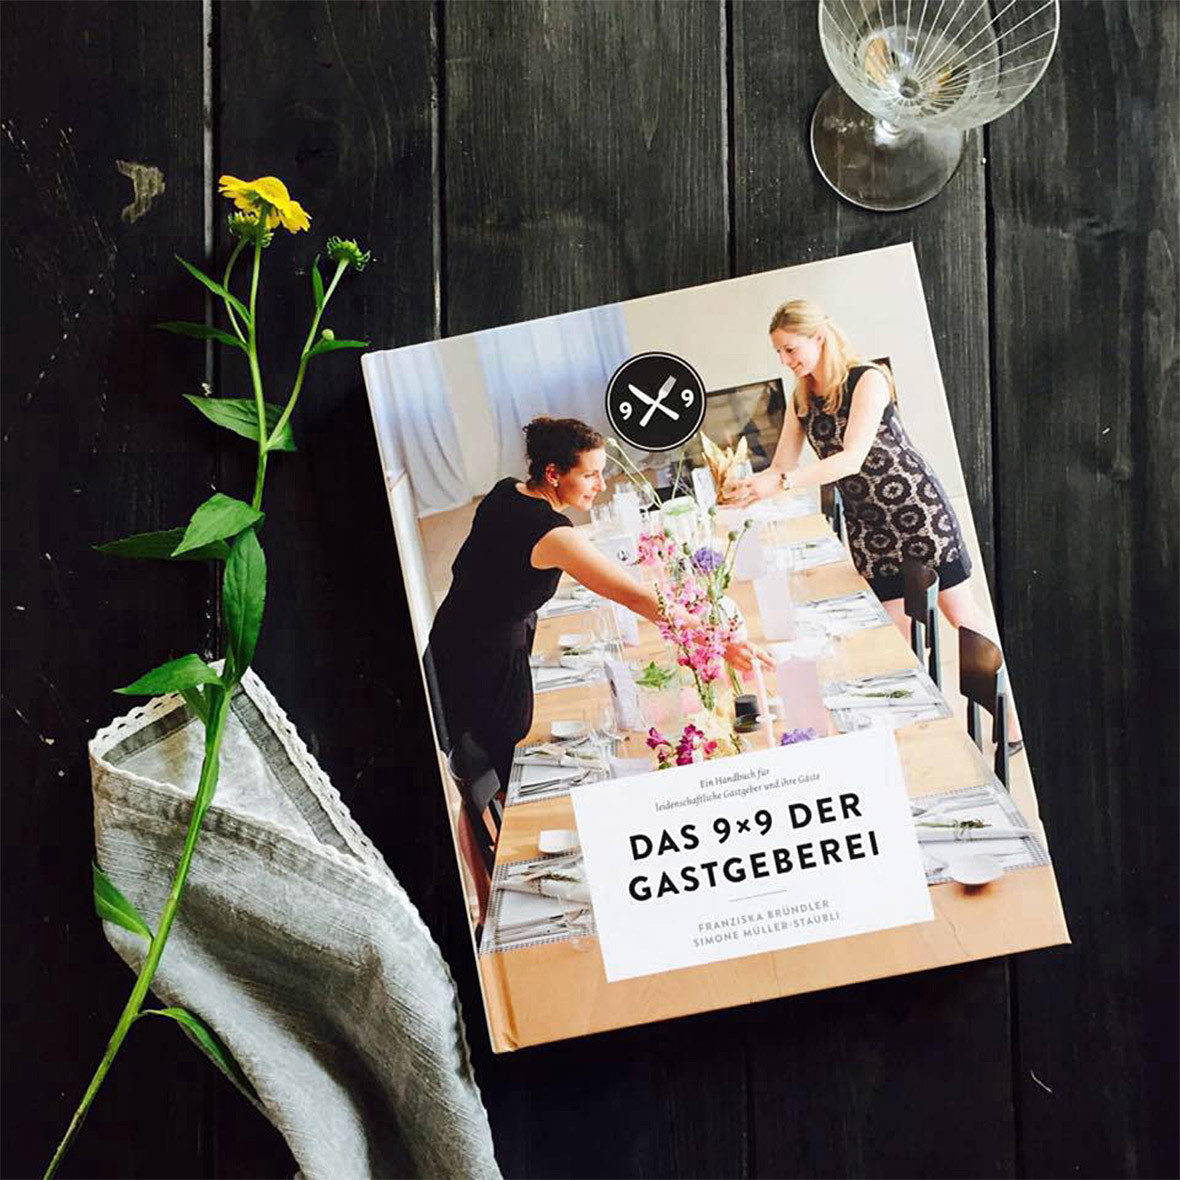 Handbuch Das 9x9 der Gastgeberei